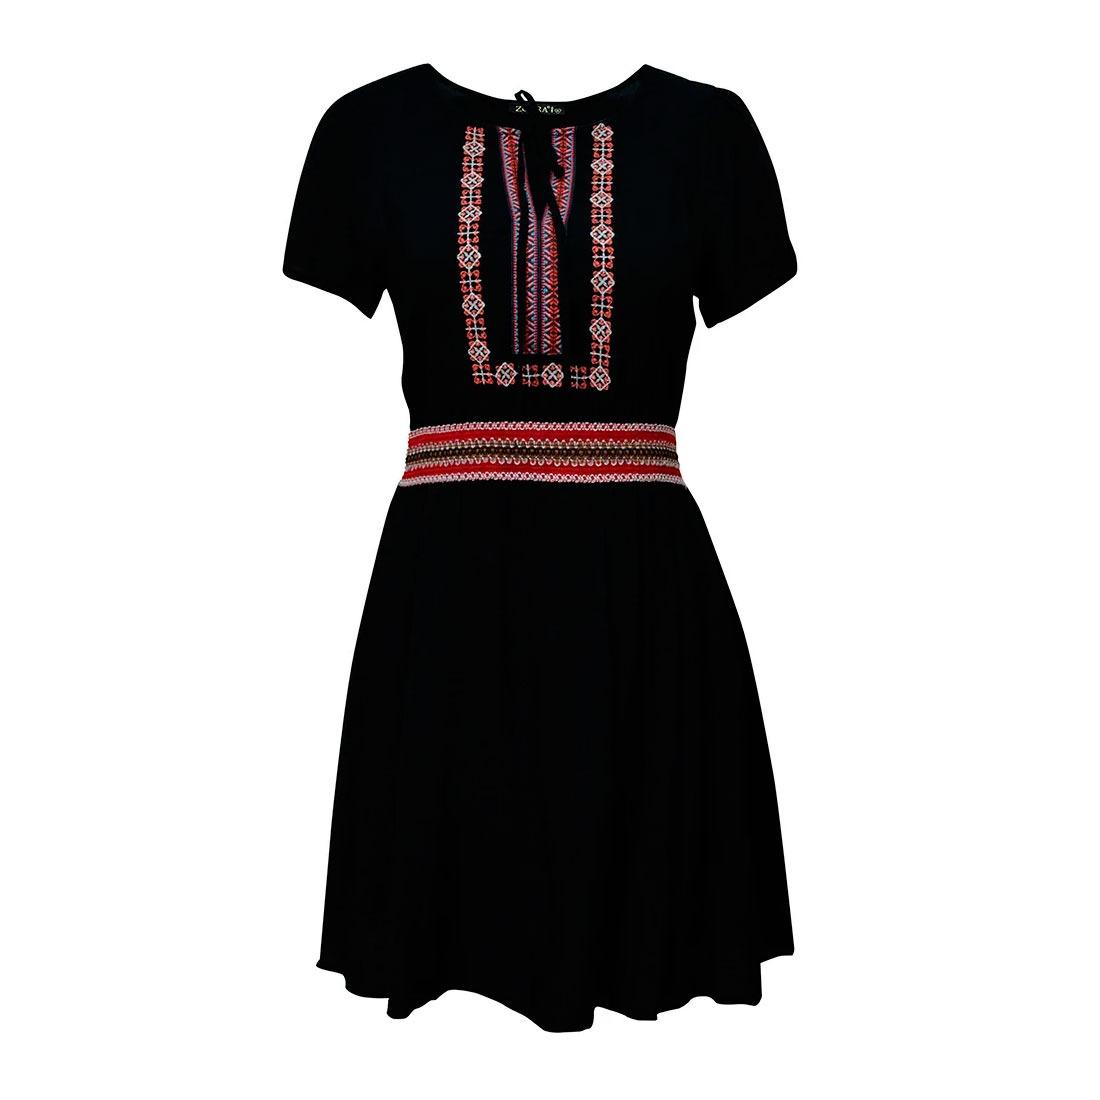 7c785fadf5 vestidos casuales dama detalle bordado falda holgada zoara. Cargando zoom.